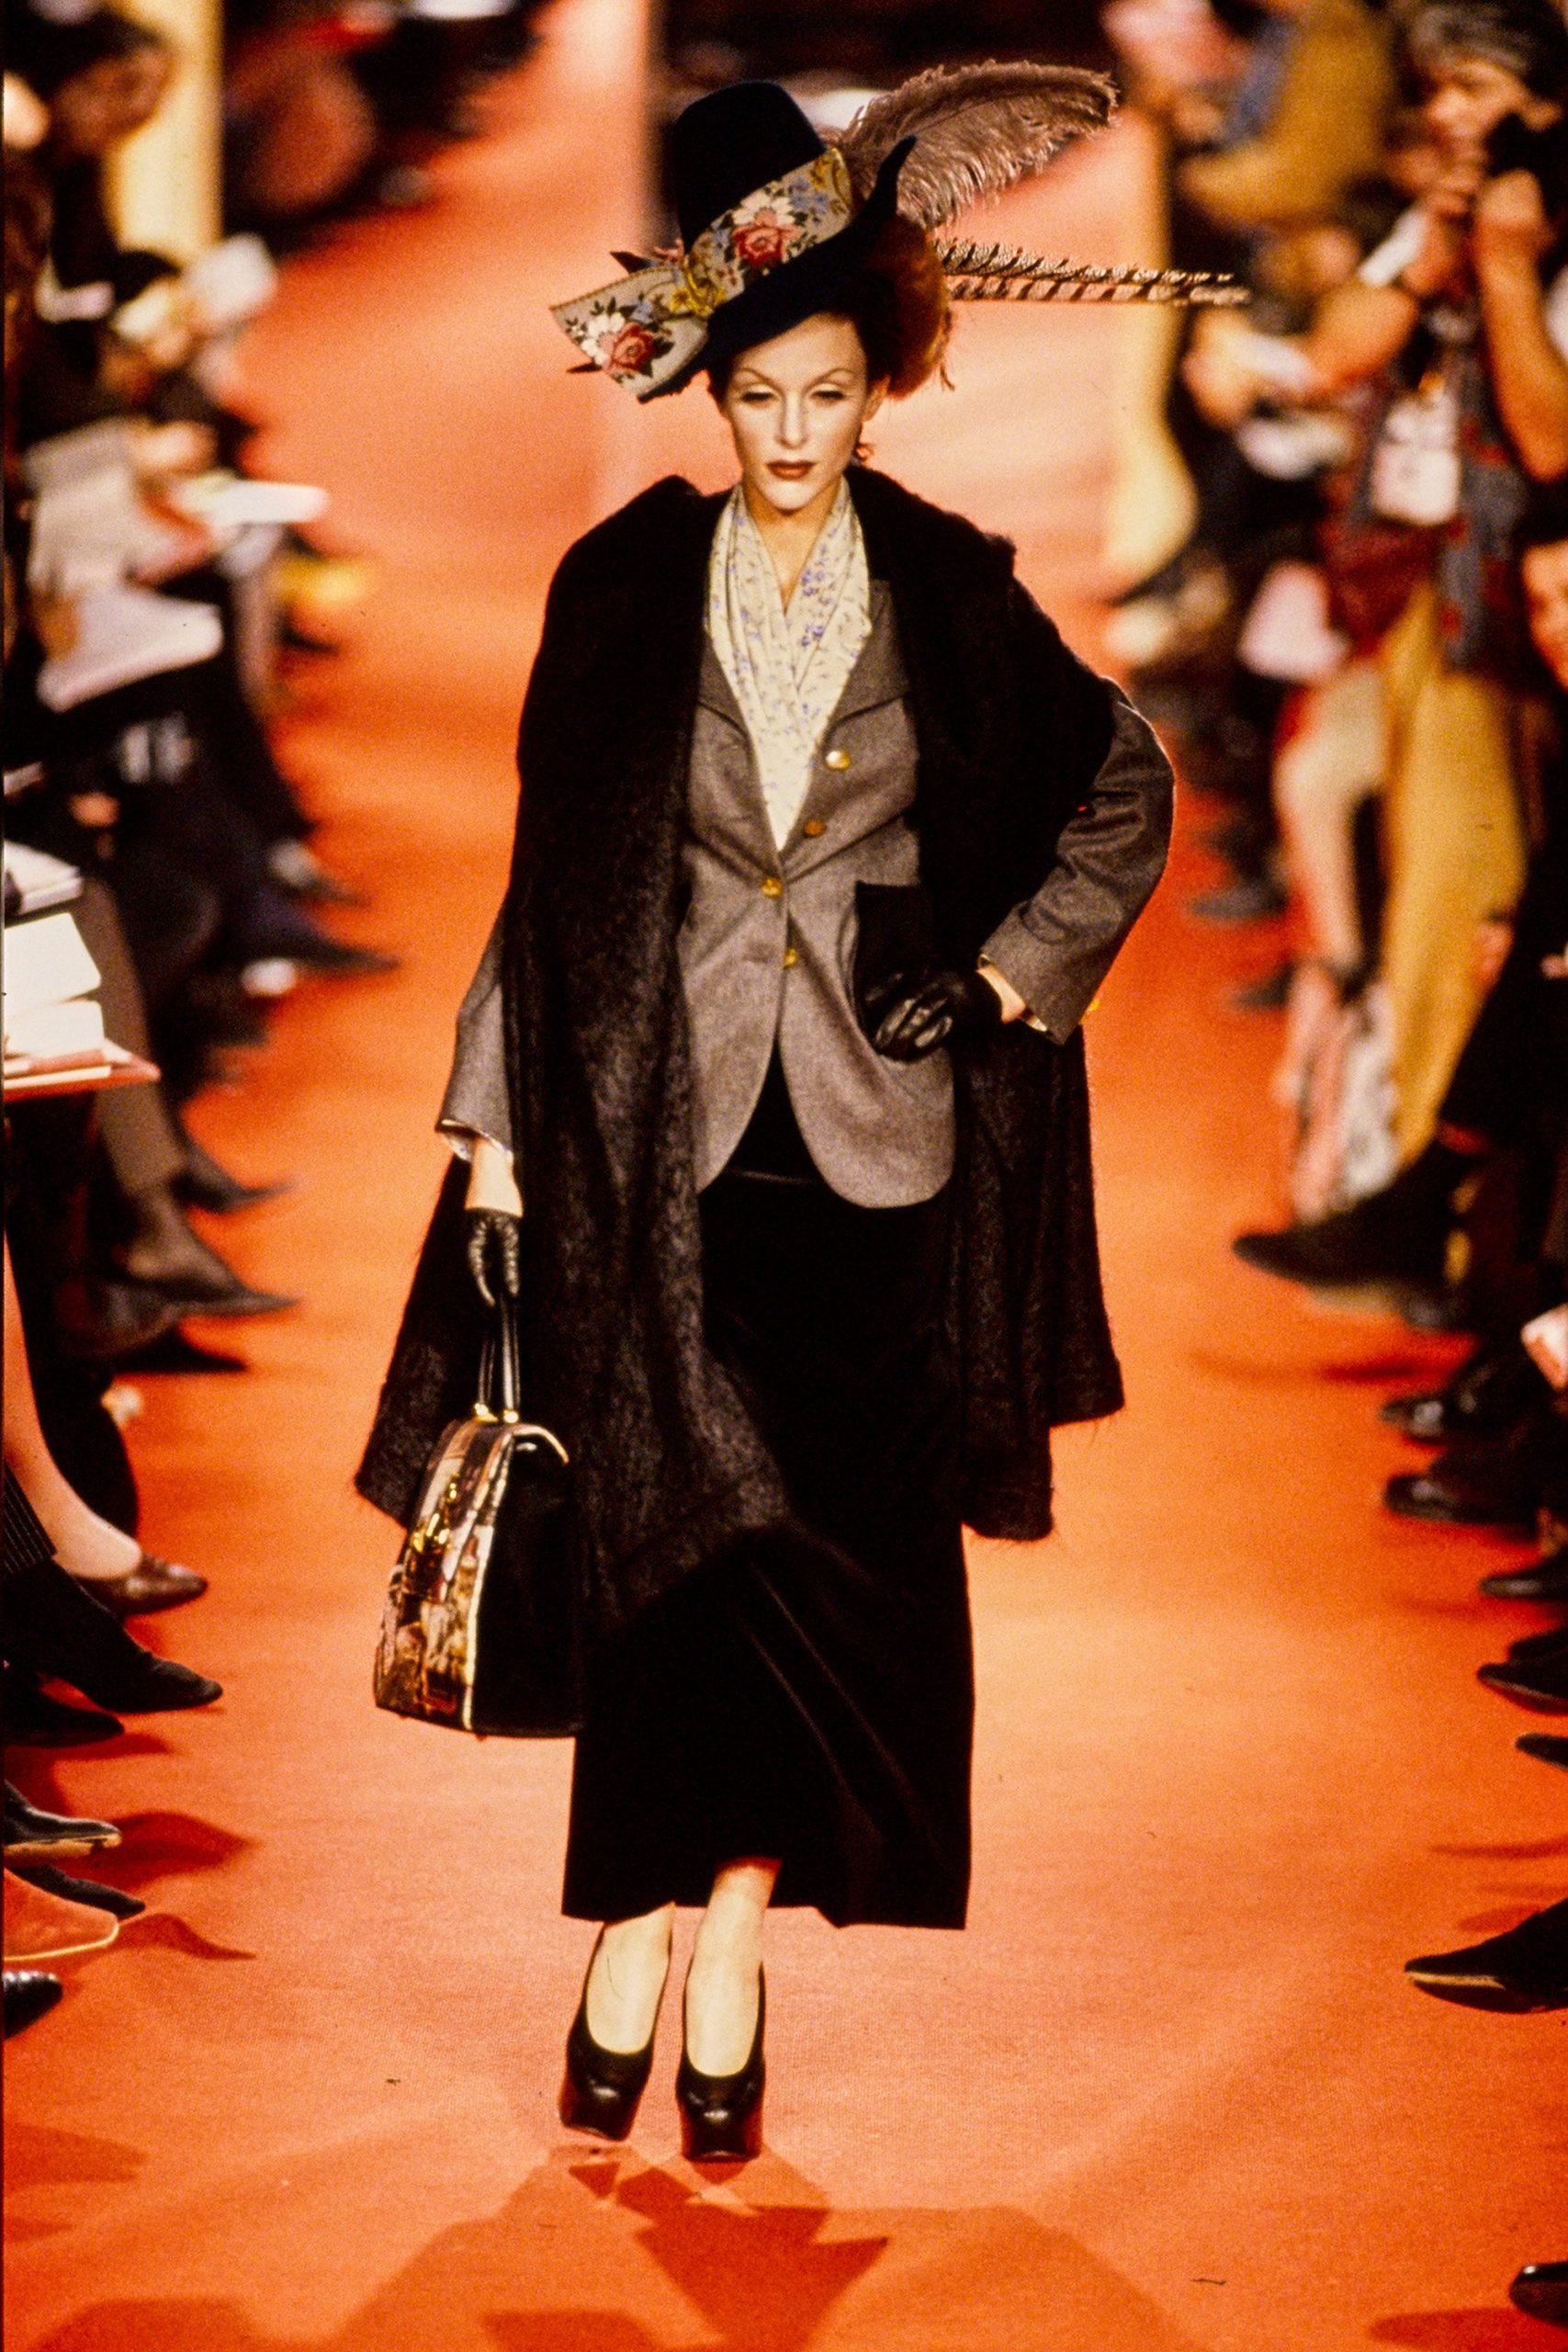 Легендарные показы Вивьен Вествуд оцифровали в честь ее 80-летия